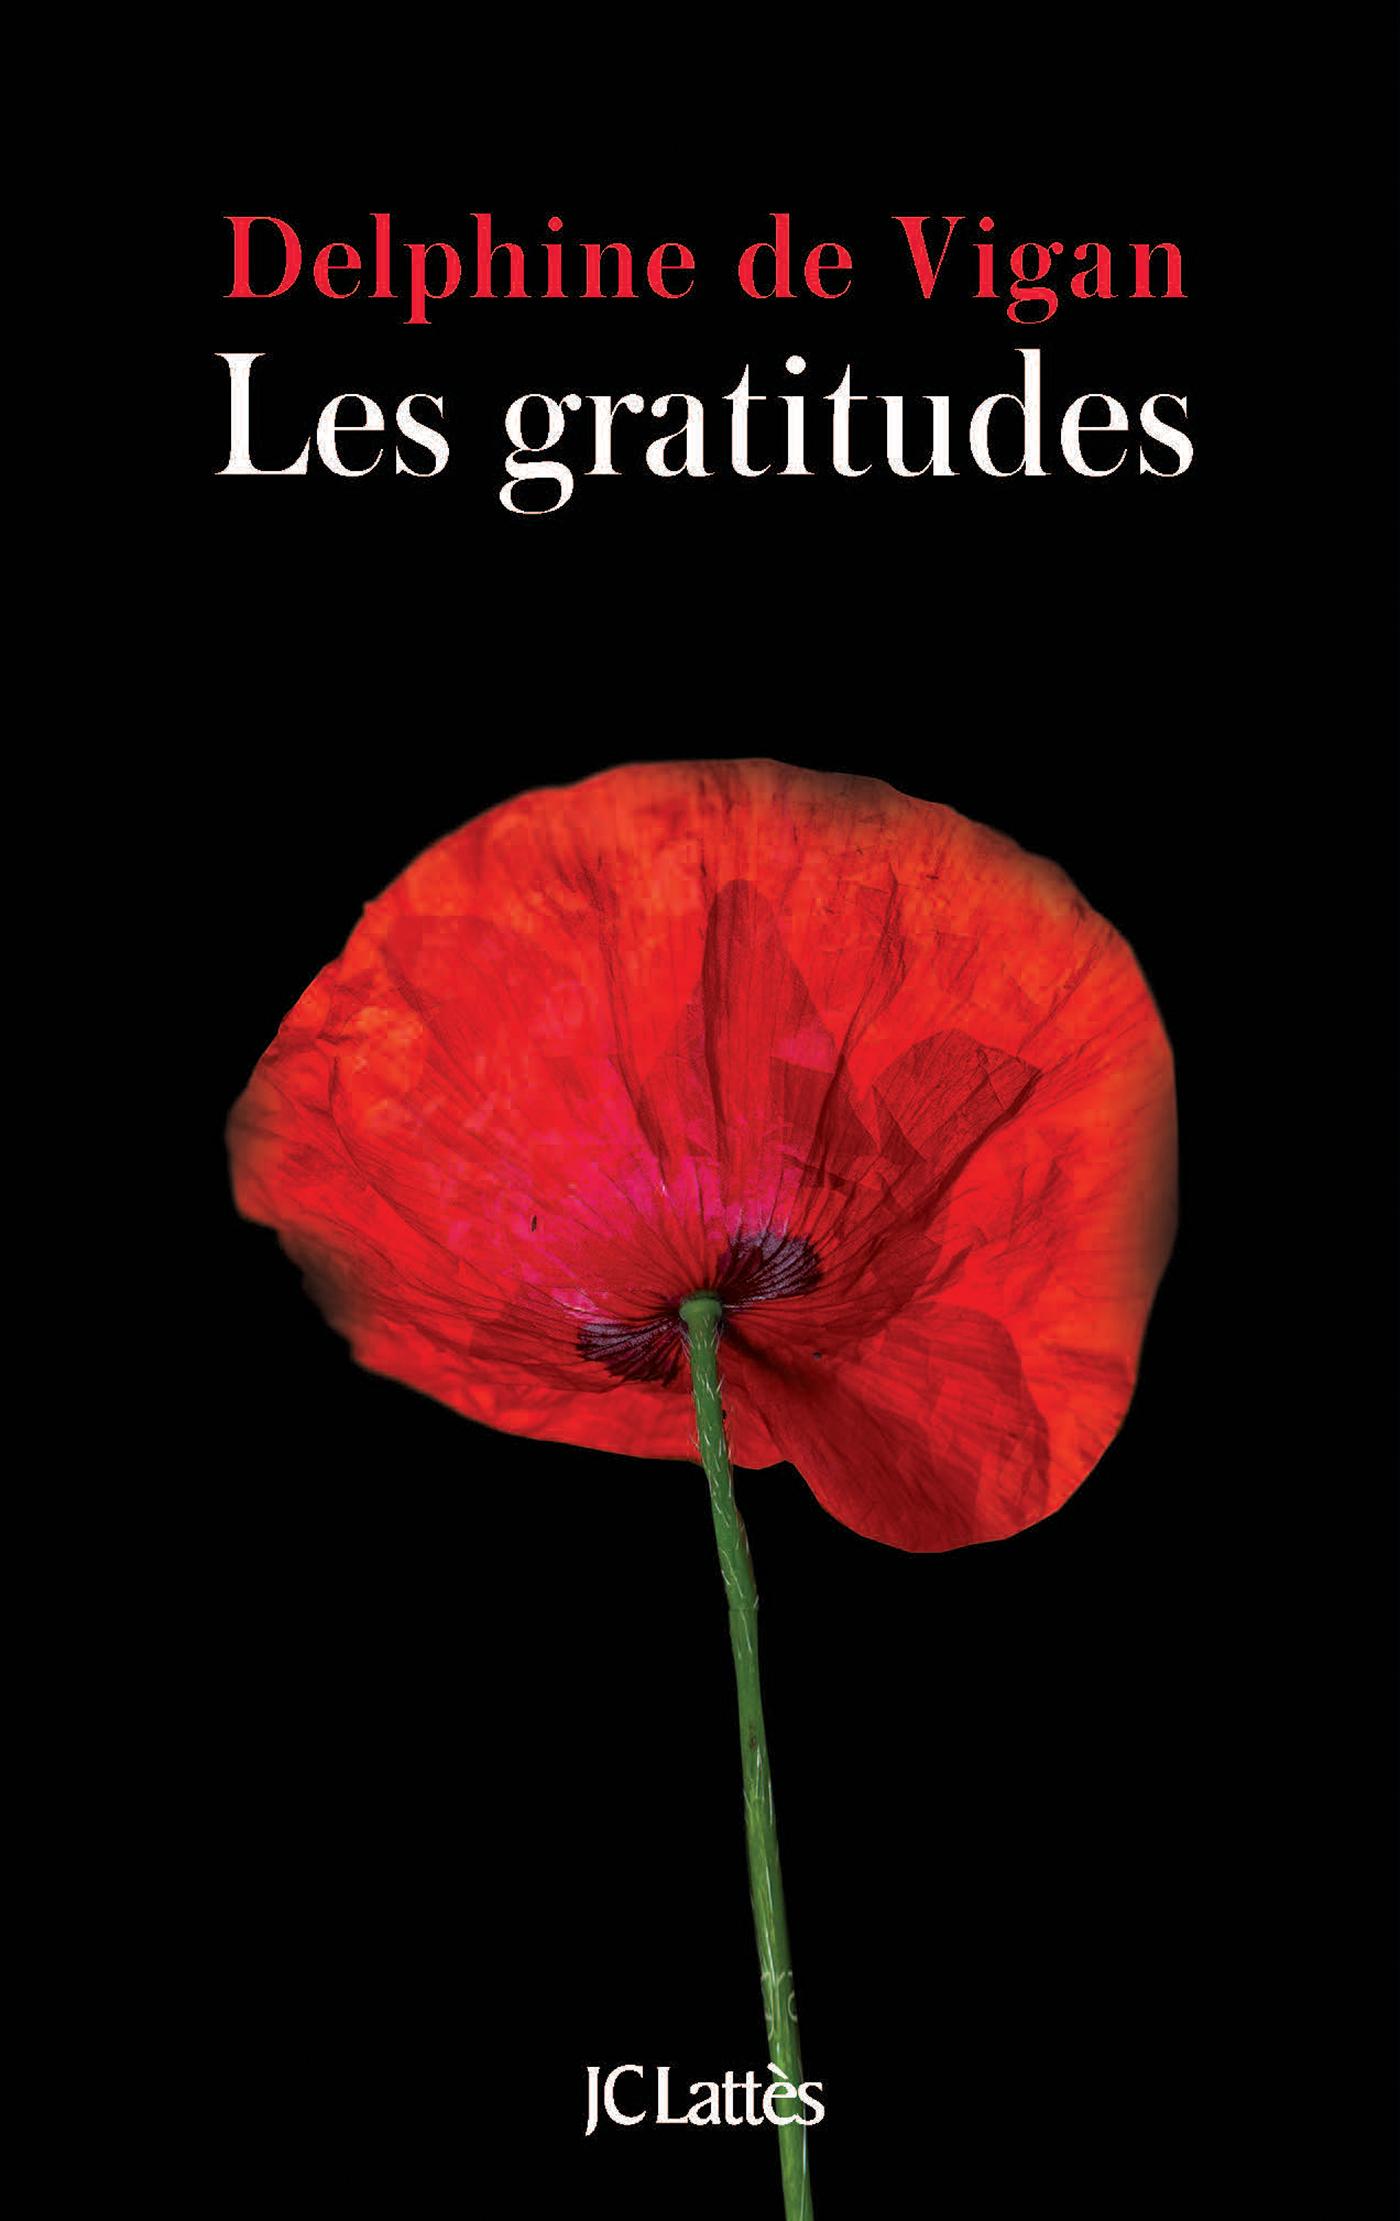 Les gratitudes | de Vigan, Delphine. Auteur